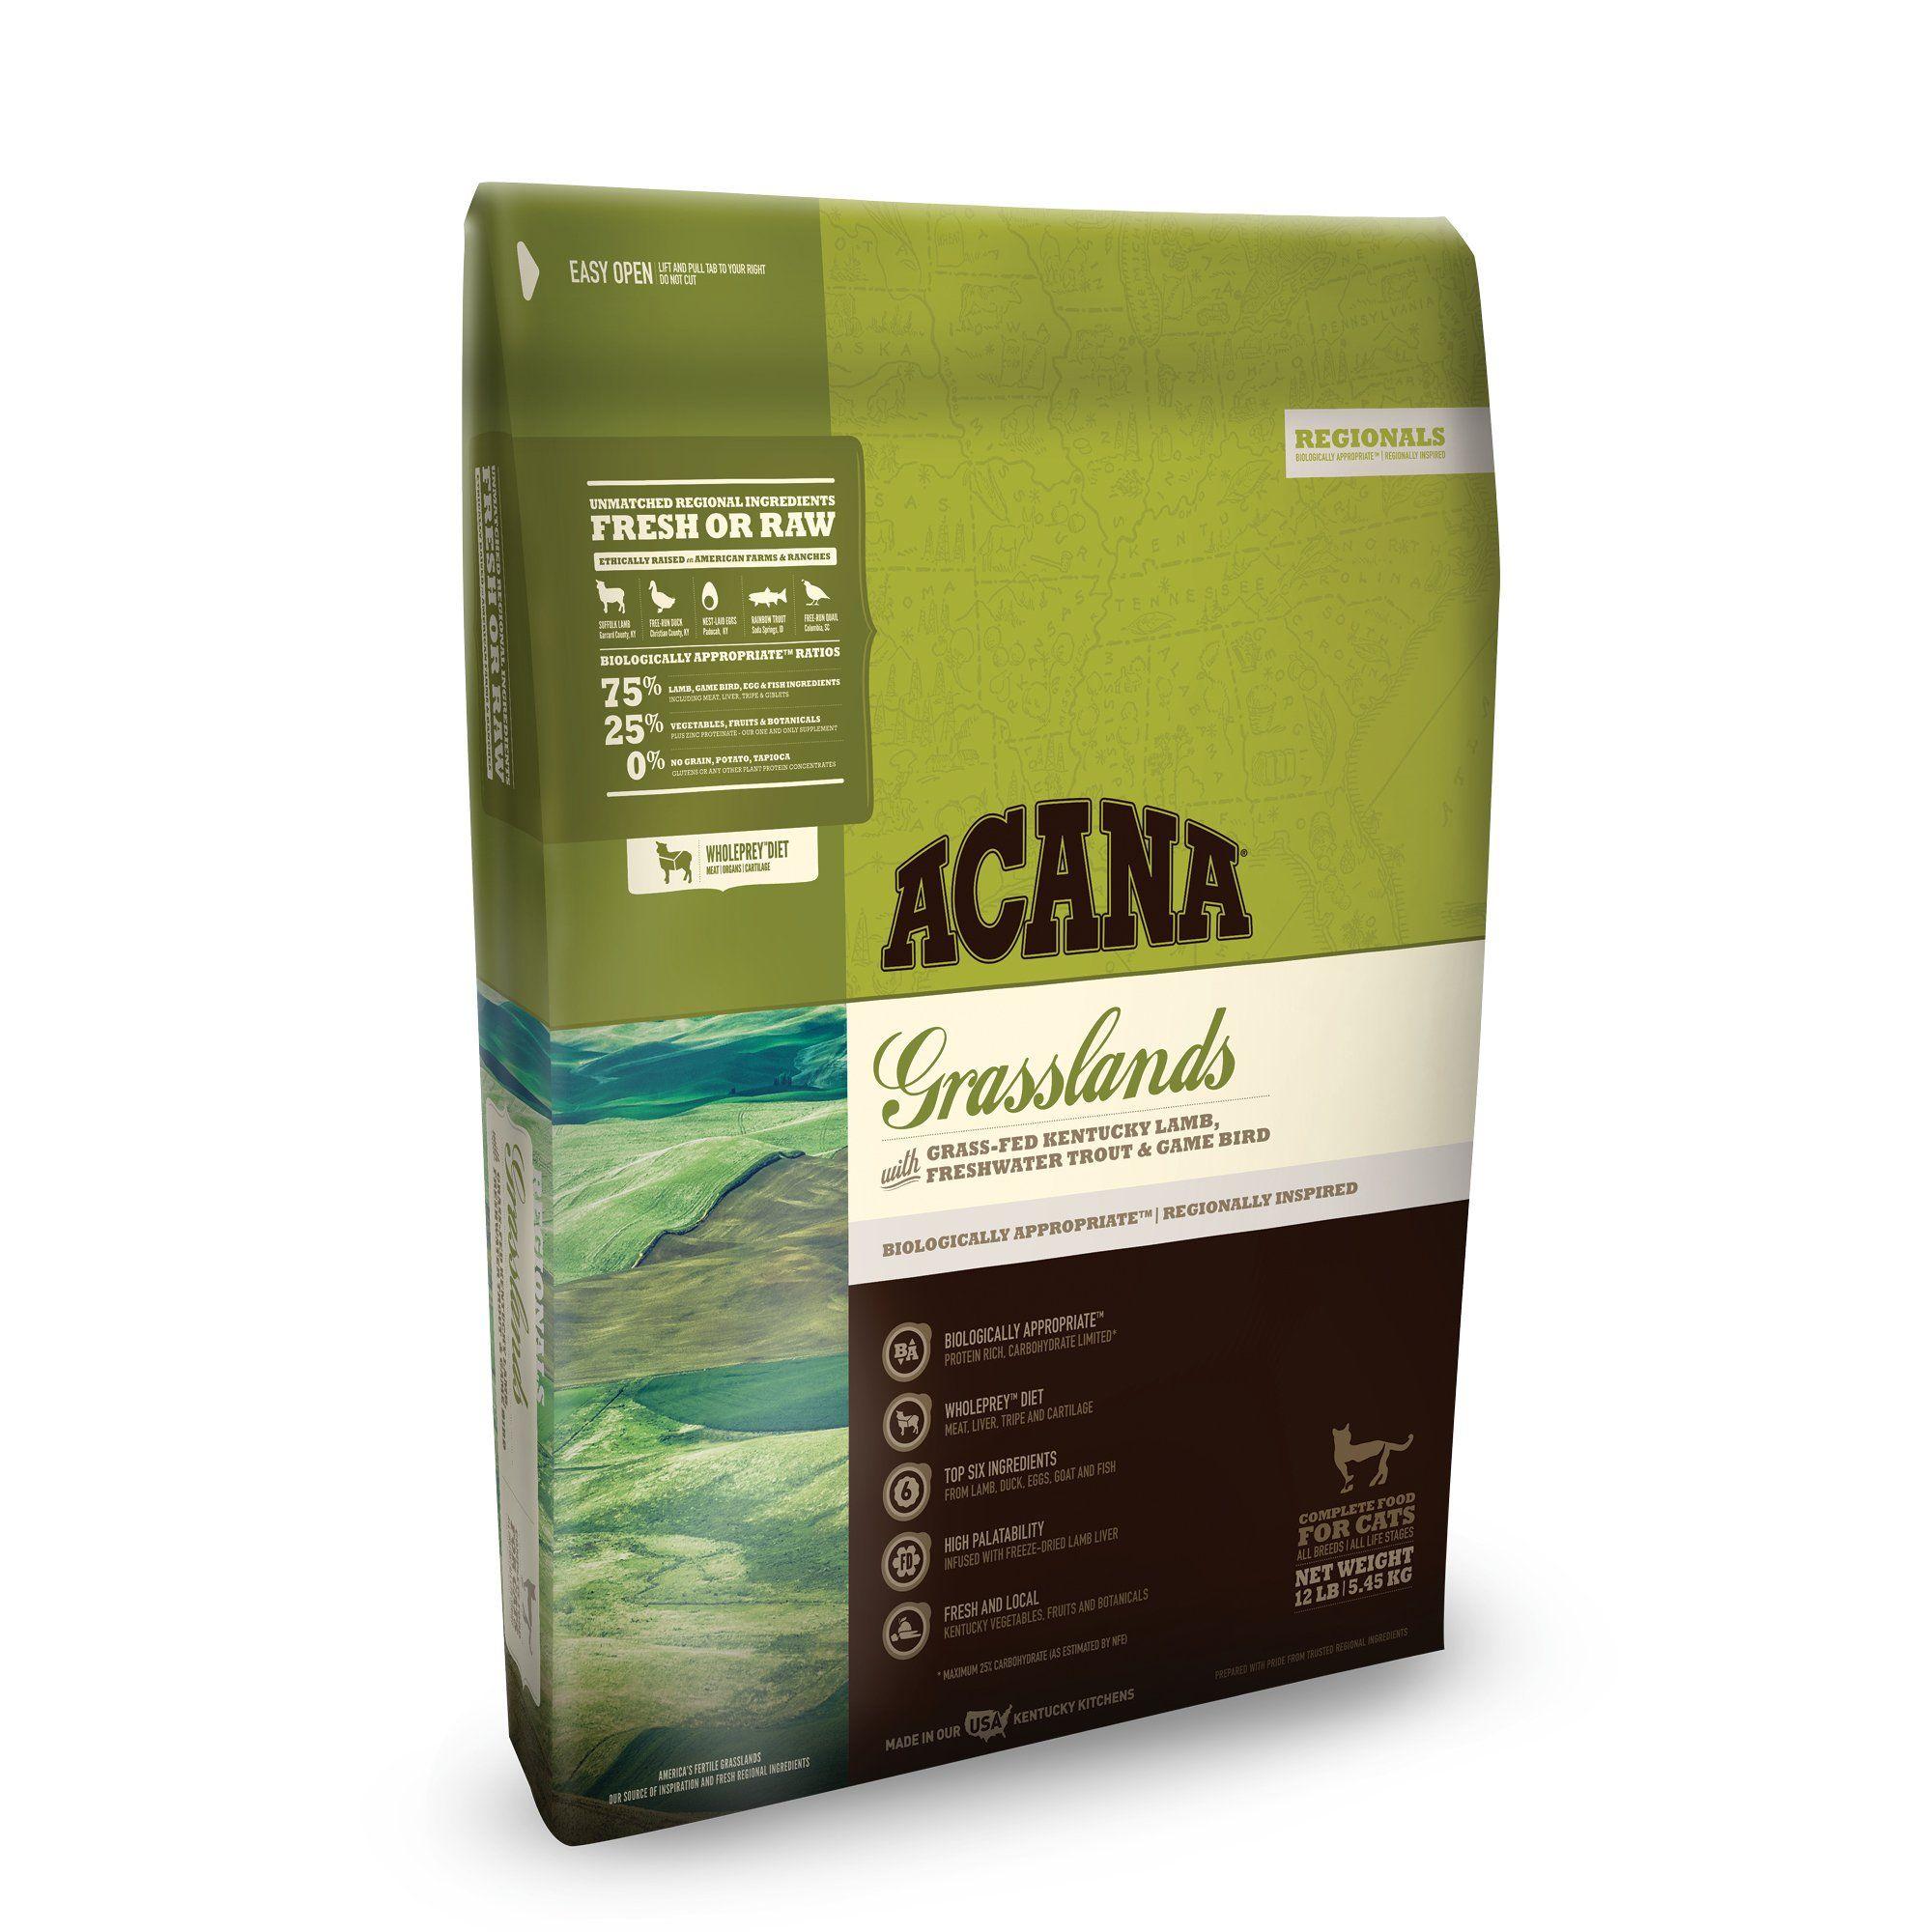 Acana Grasslands Dry Cat Food 12 Lbs Dry Cat Food Cat Food